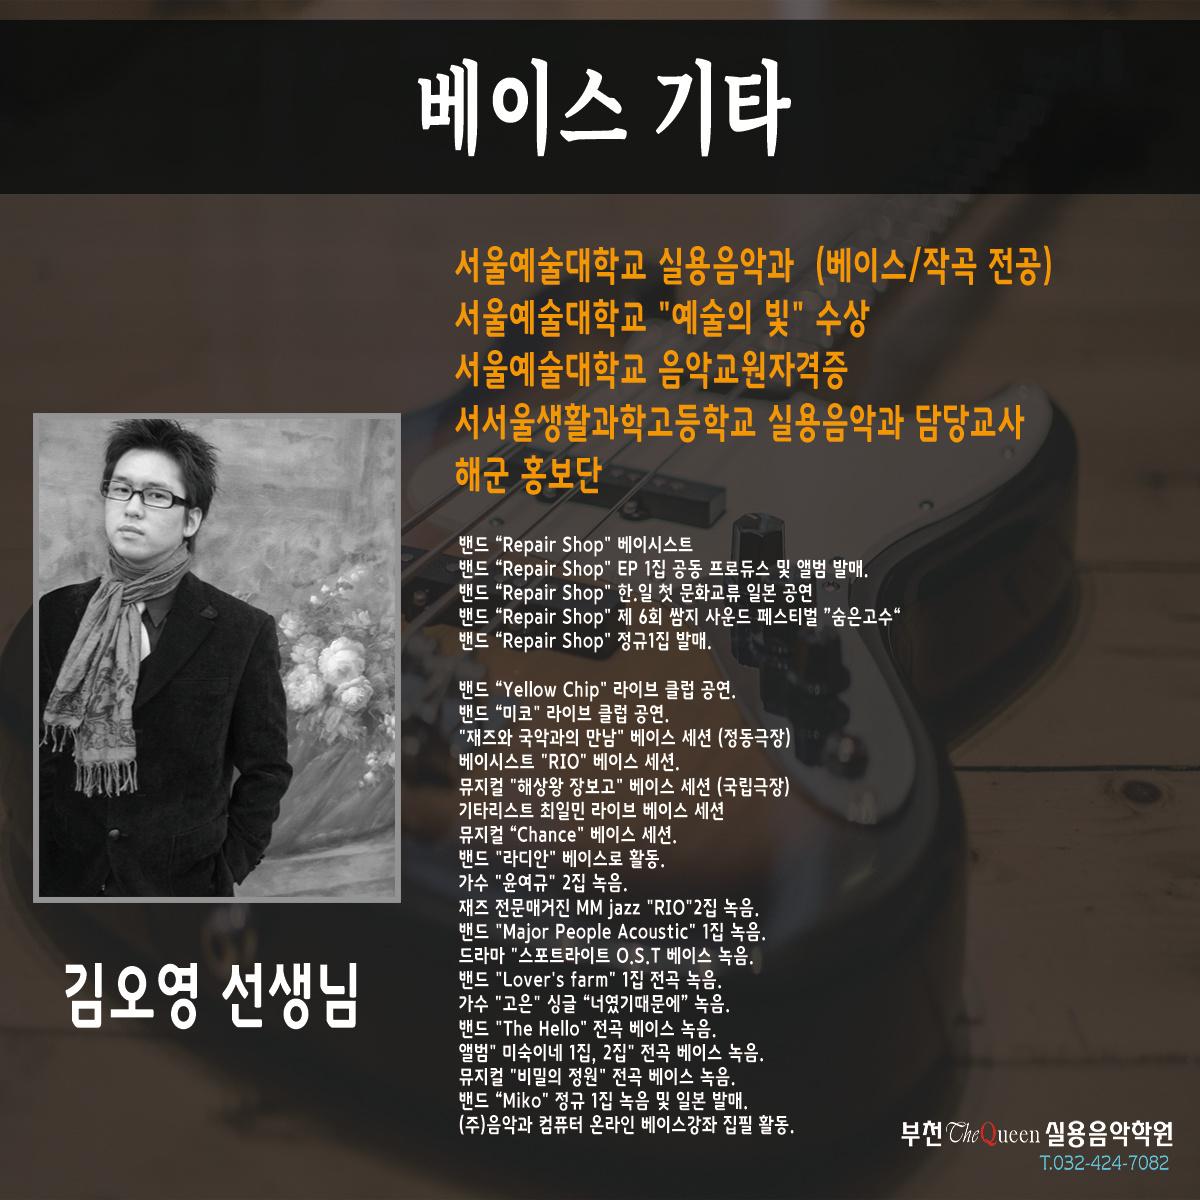 김오영 선생님